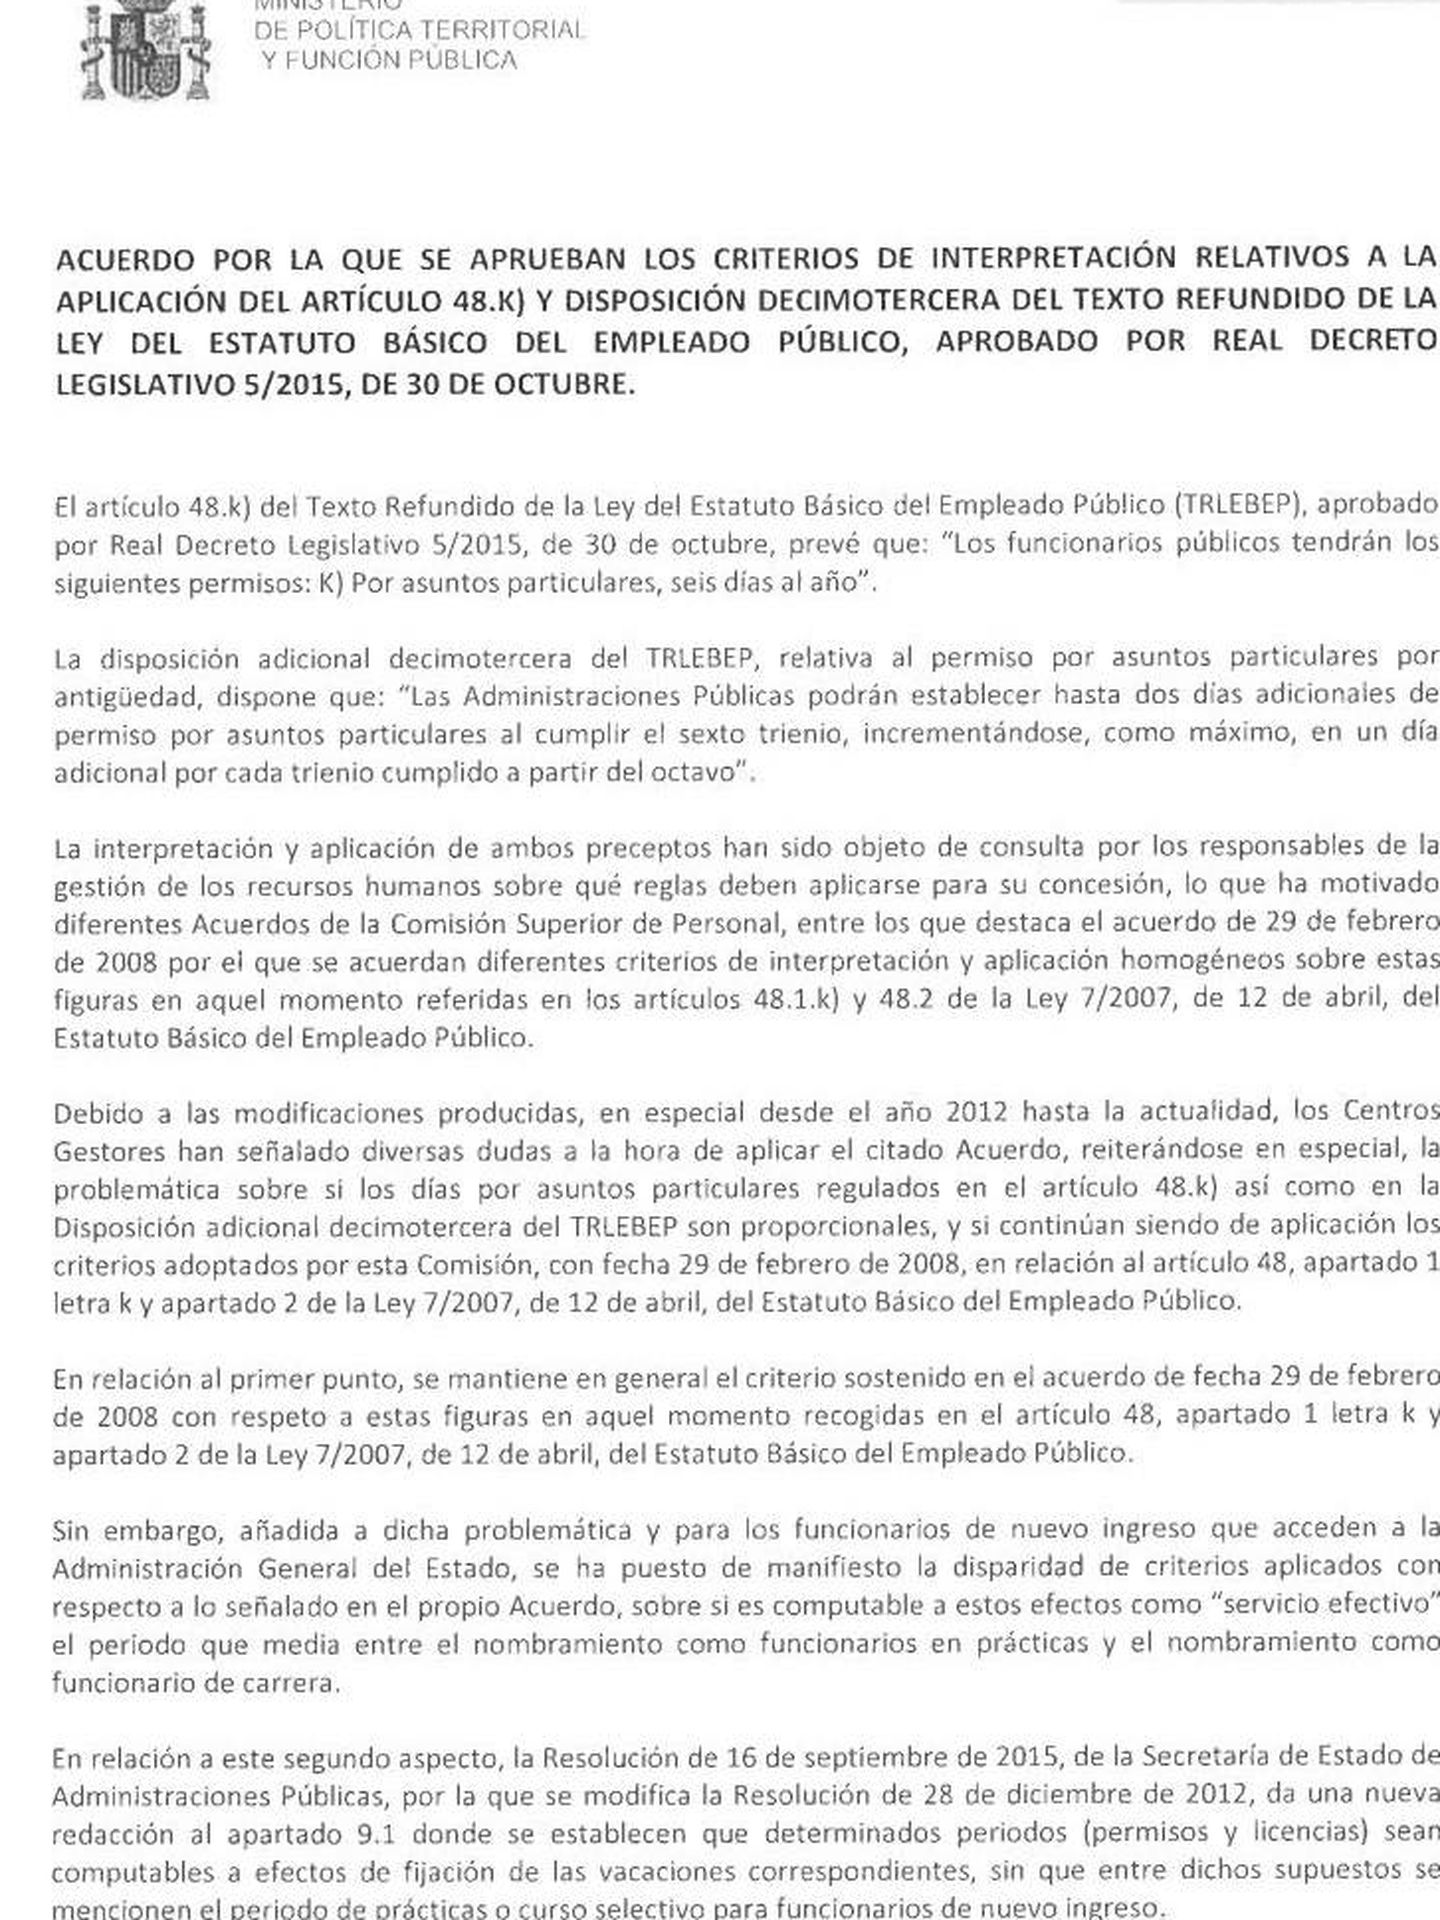 Documento en el que se anuncia el recorte de los moscosos a funcionarios. (Pinche para ampliar)